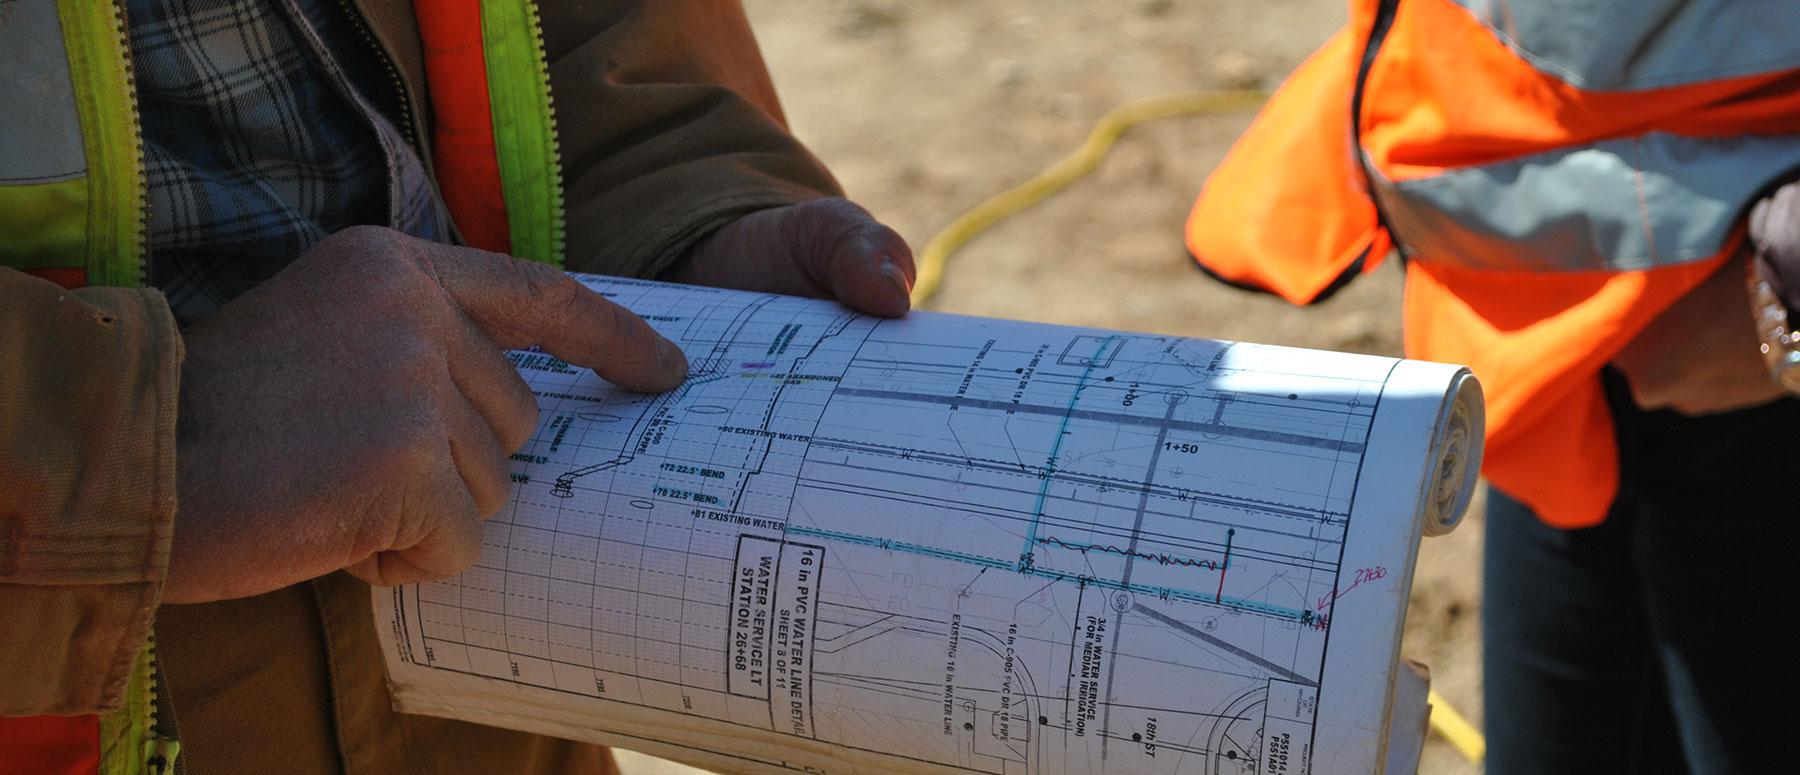 Infrastructure & Civil Site Design